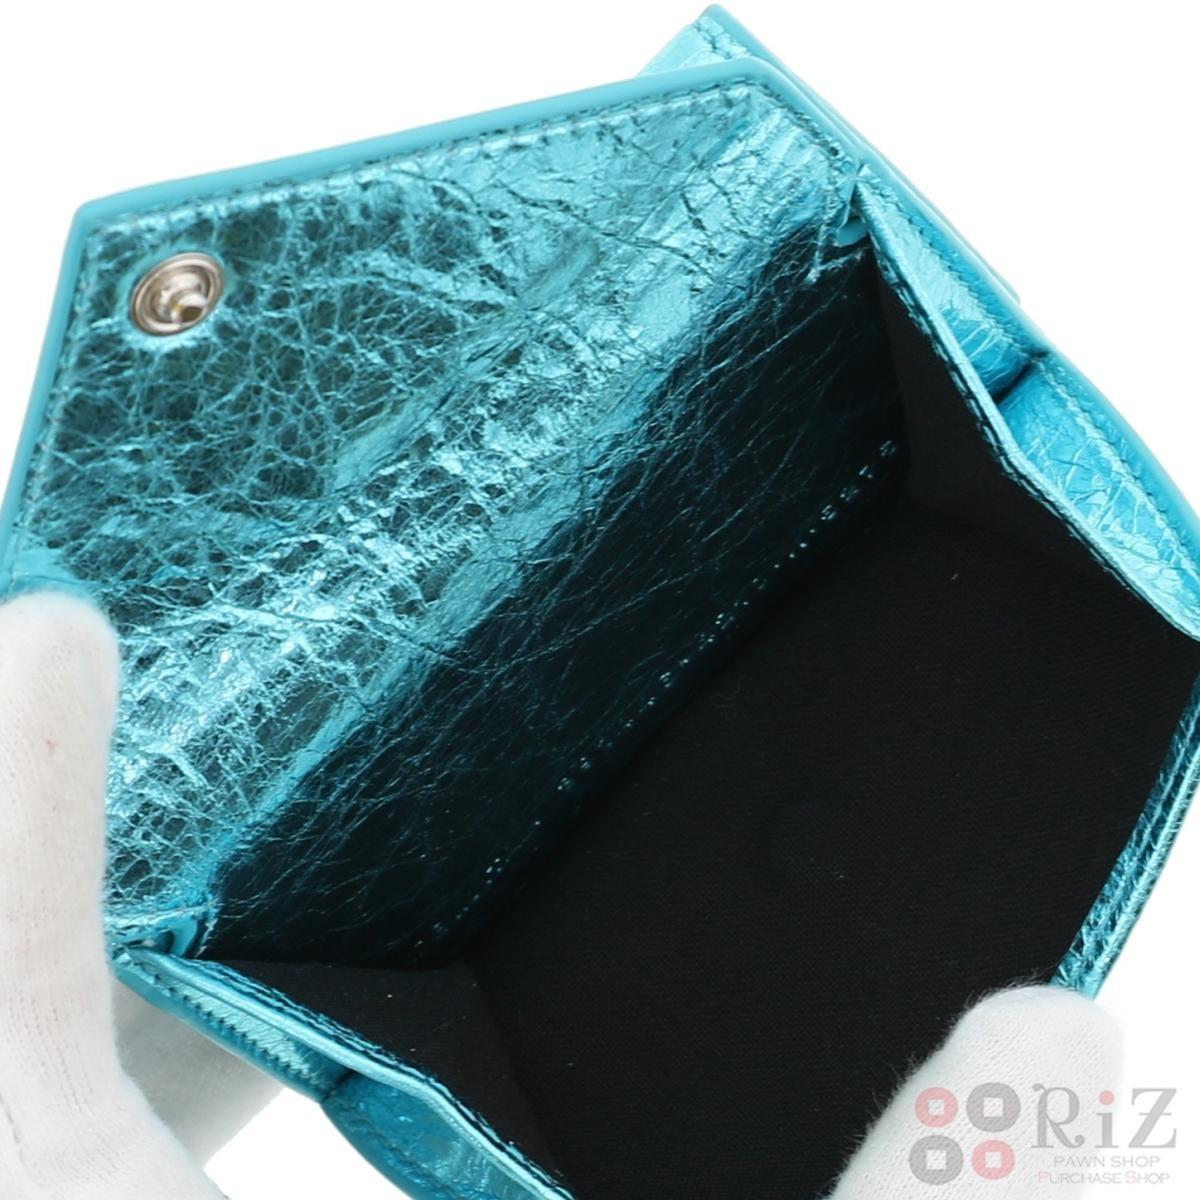 【中古】 BALENCIAGA (バレンシアガ) ペーパー ミニ ウォレット 財布 三つ折り財布(小銭入有) Papier Mini Wallet ブルー 391446 bnwt:N